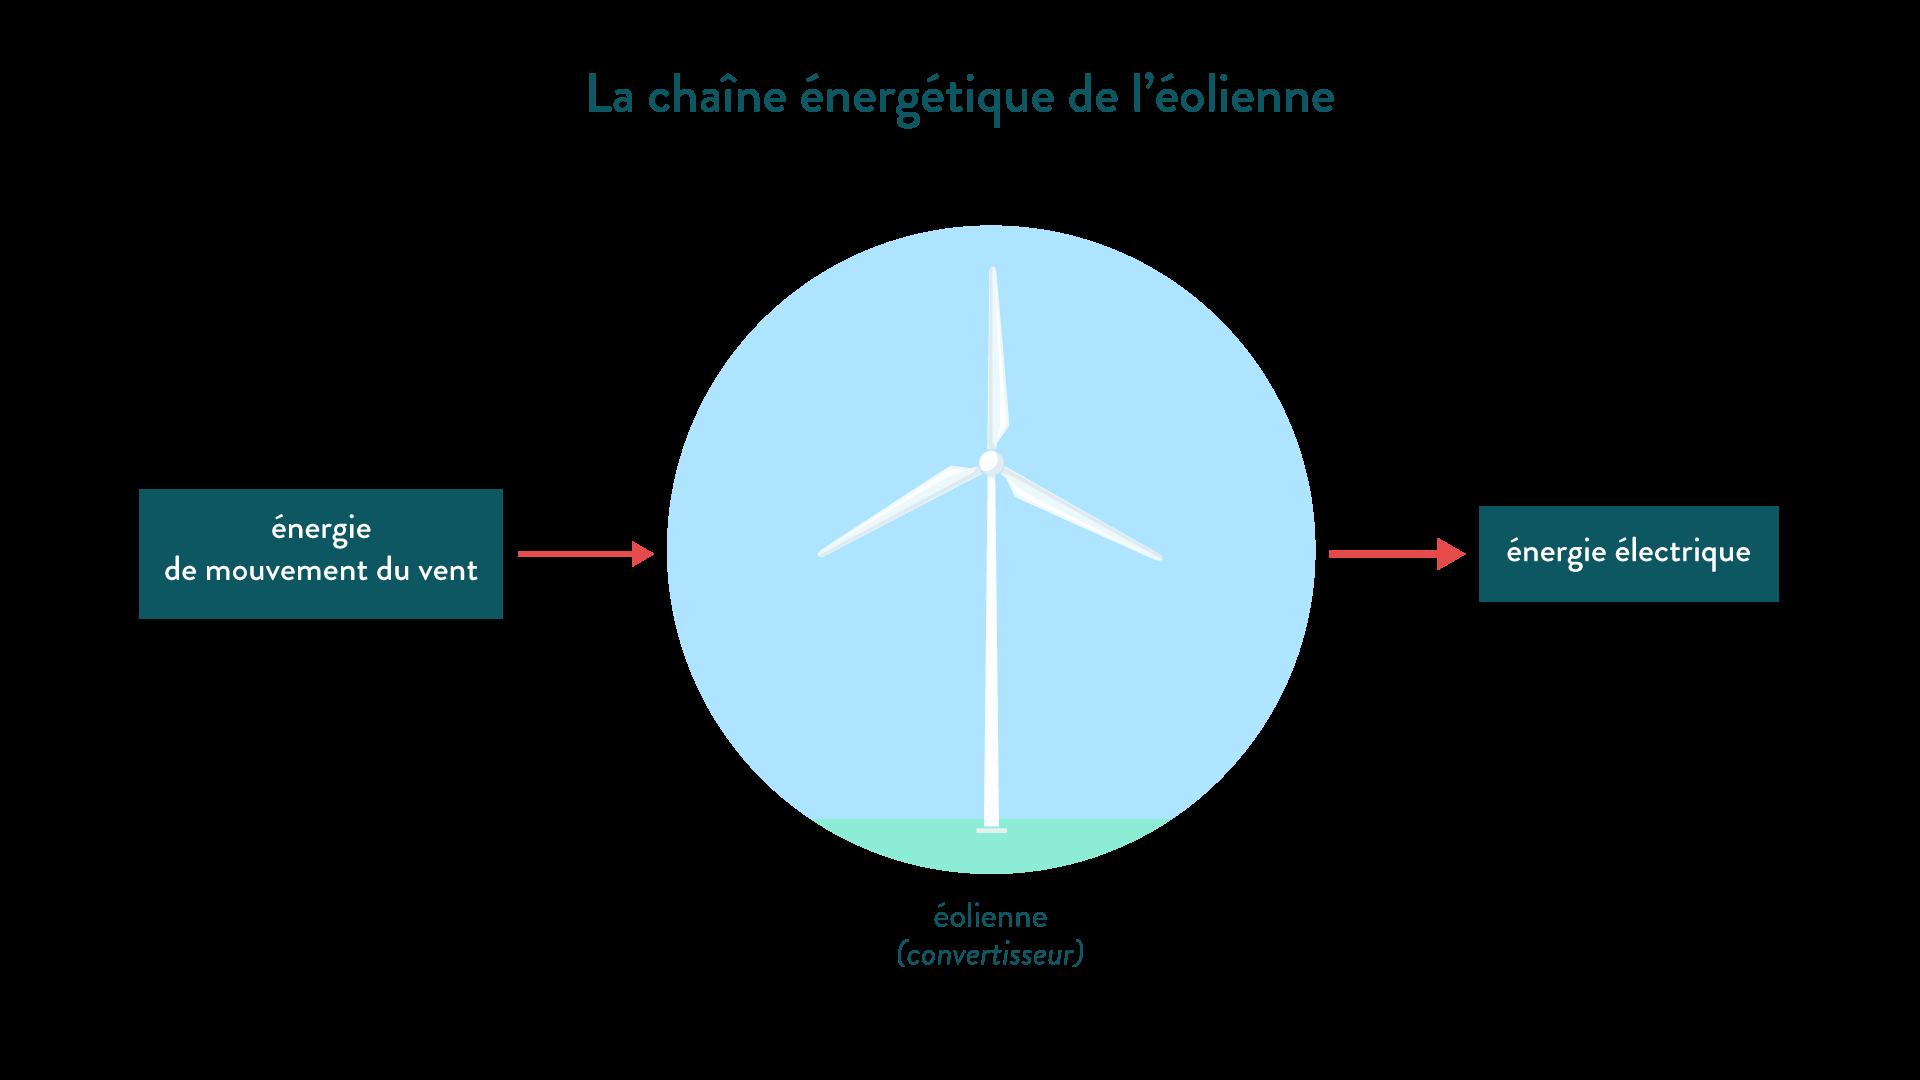 La chaîne énergétique de l'éolienne énergie de mouvement électricité convertisseur physique-chimie 6eme